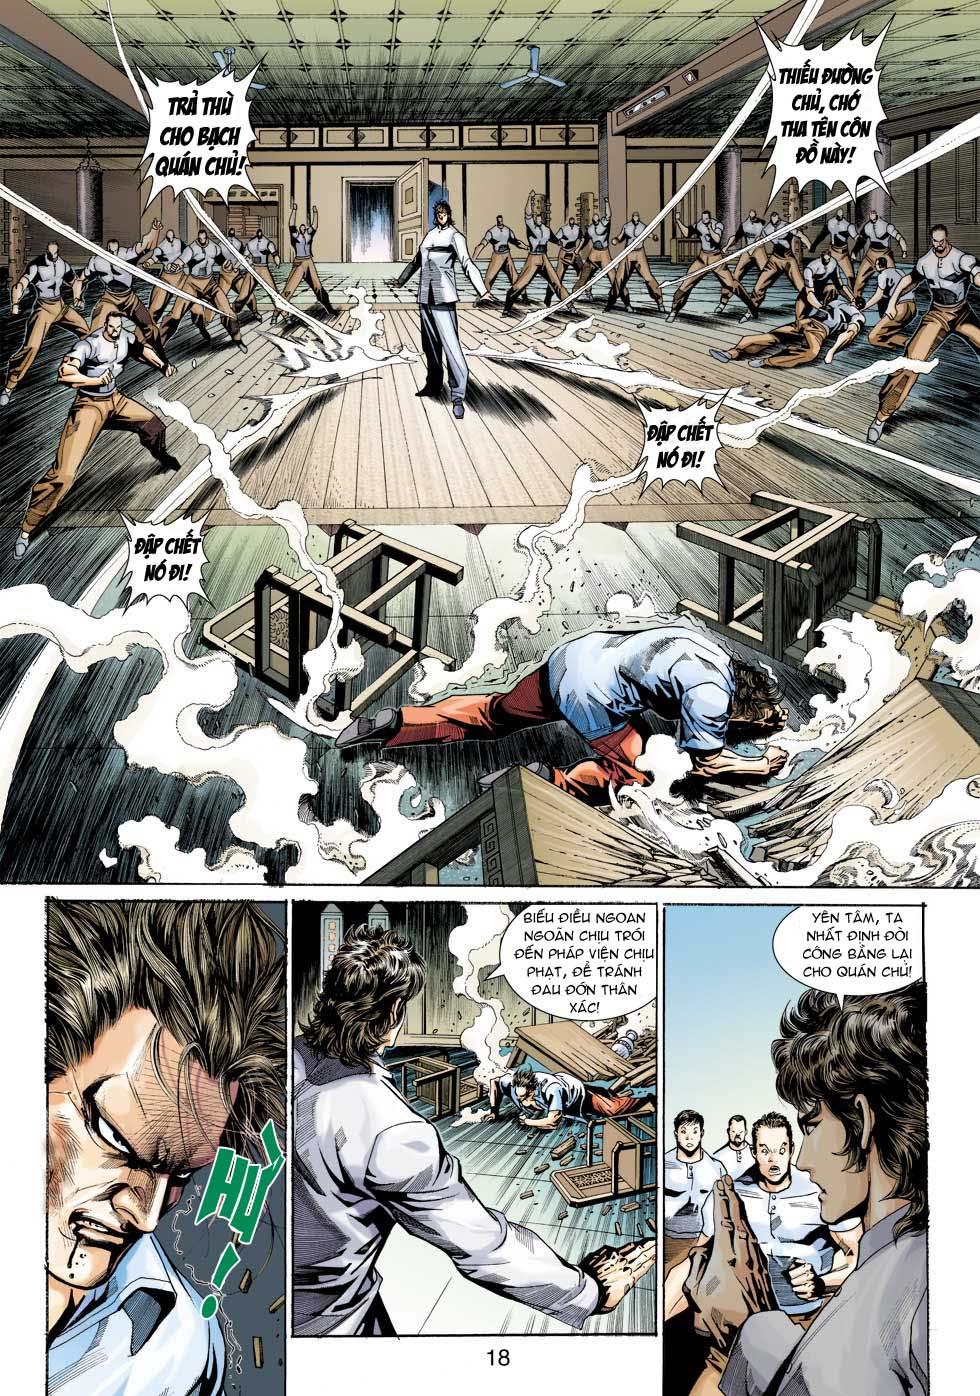 Tân Tác Long Hổ Môn chap 343 - Trang 18